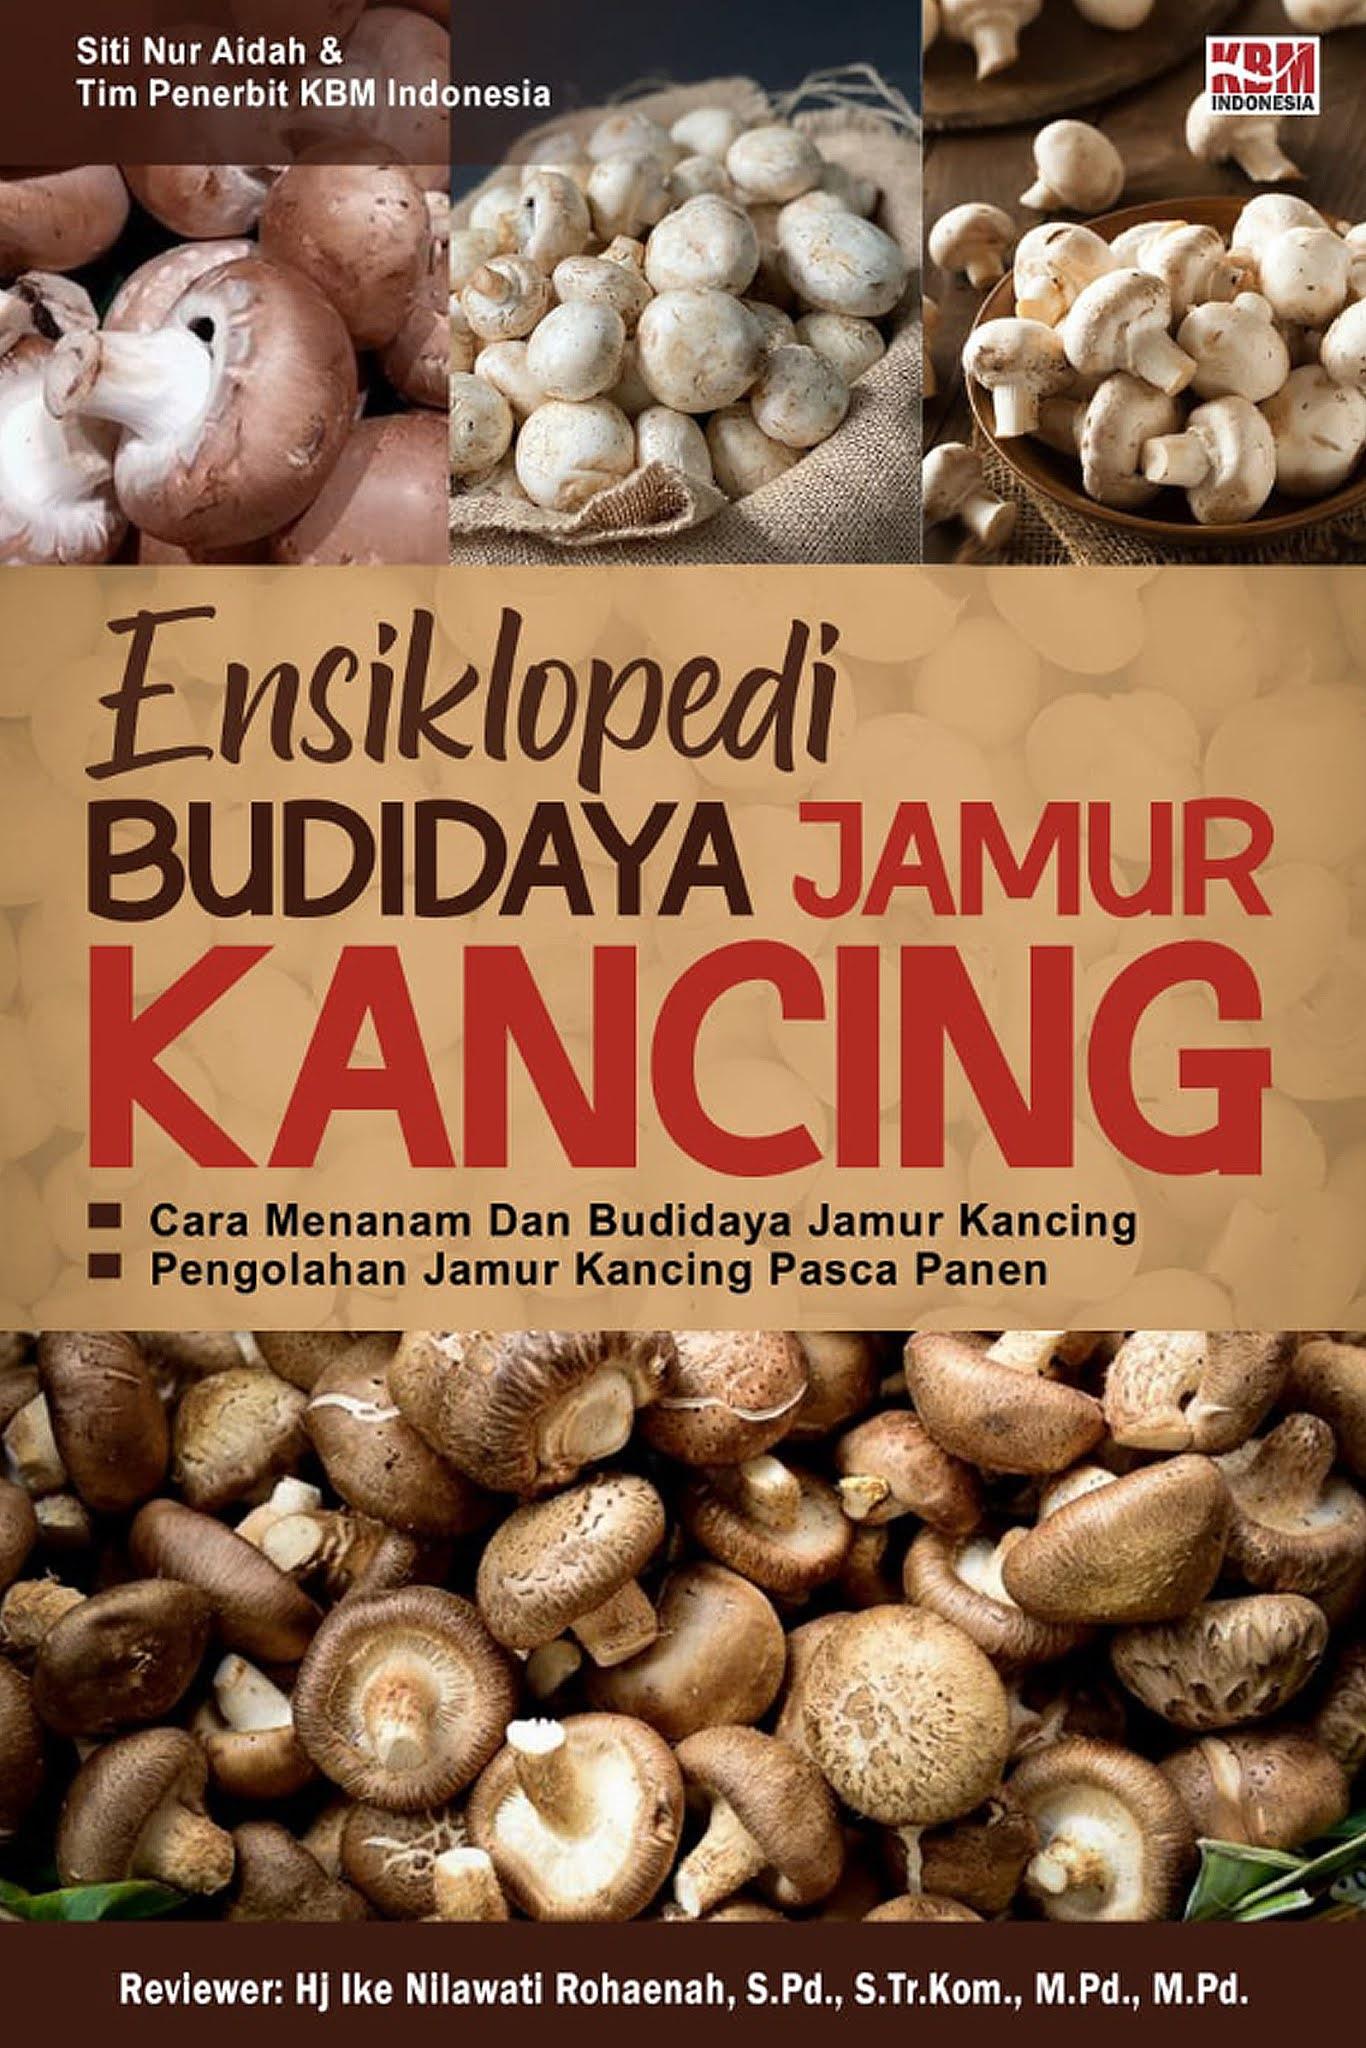 ENSIKLOPEDI BUDIDAYA JAMUR KANCING